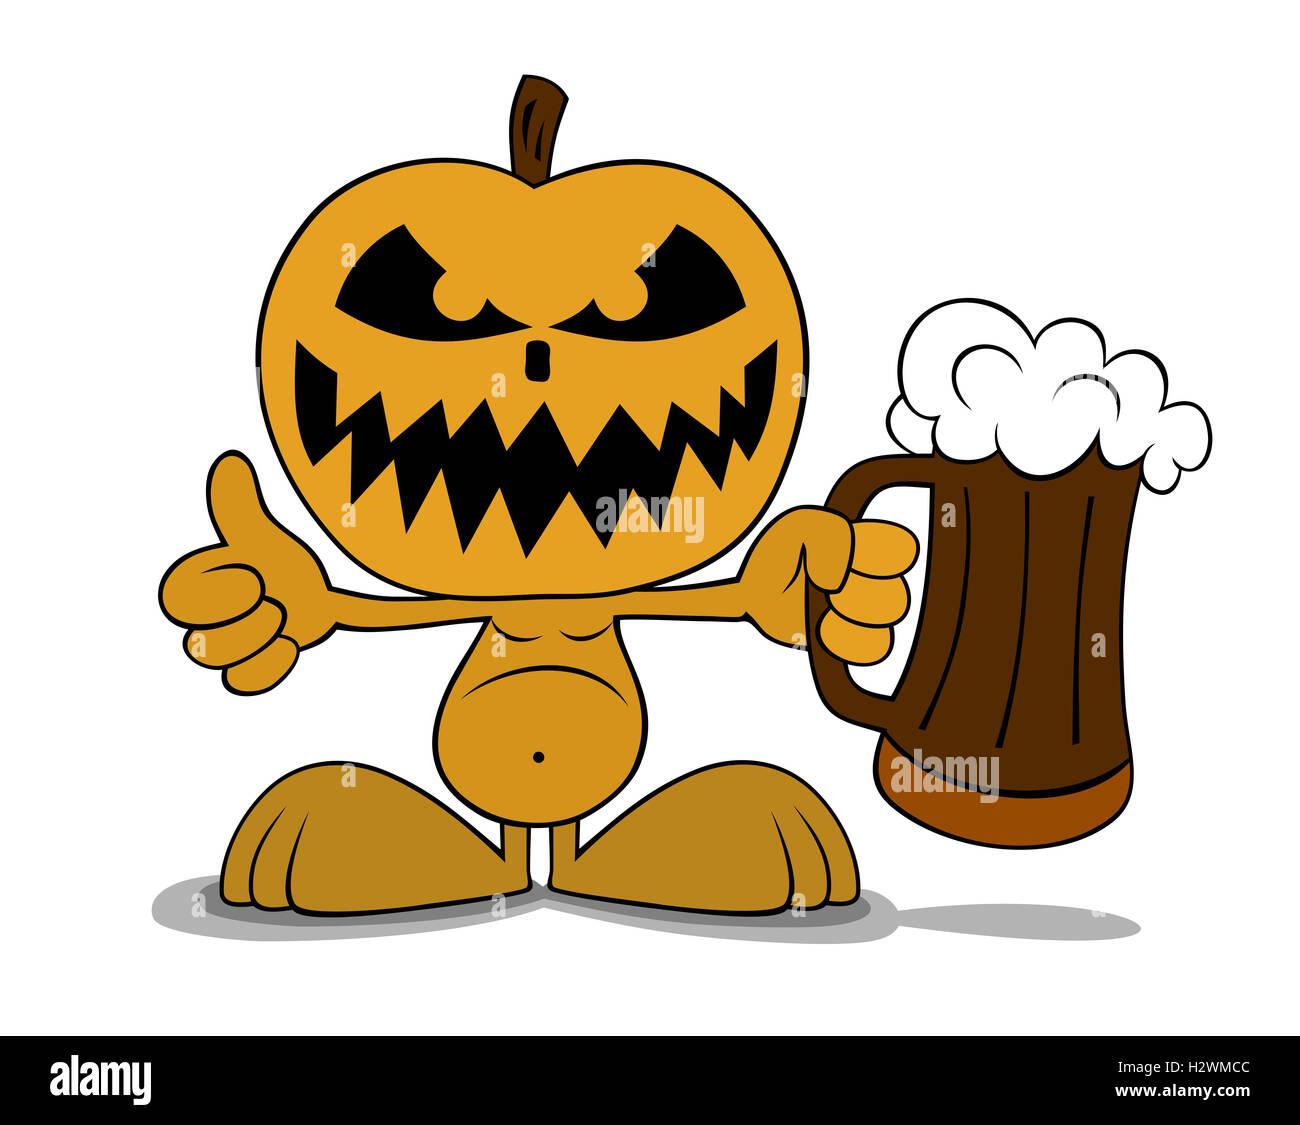 Zucche Di Halloween Cartoni Animati.Illustrazione Della Zucca Di Halloween In Stile Cartone Animato Foto